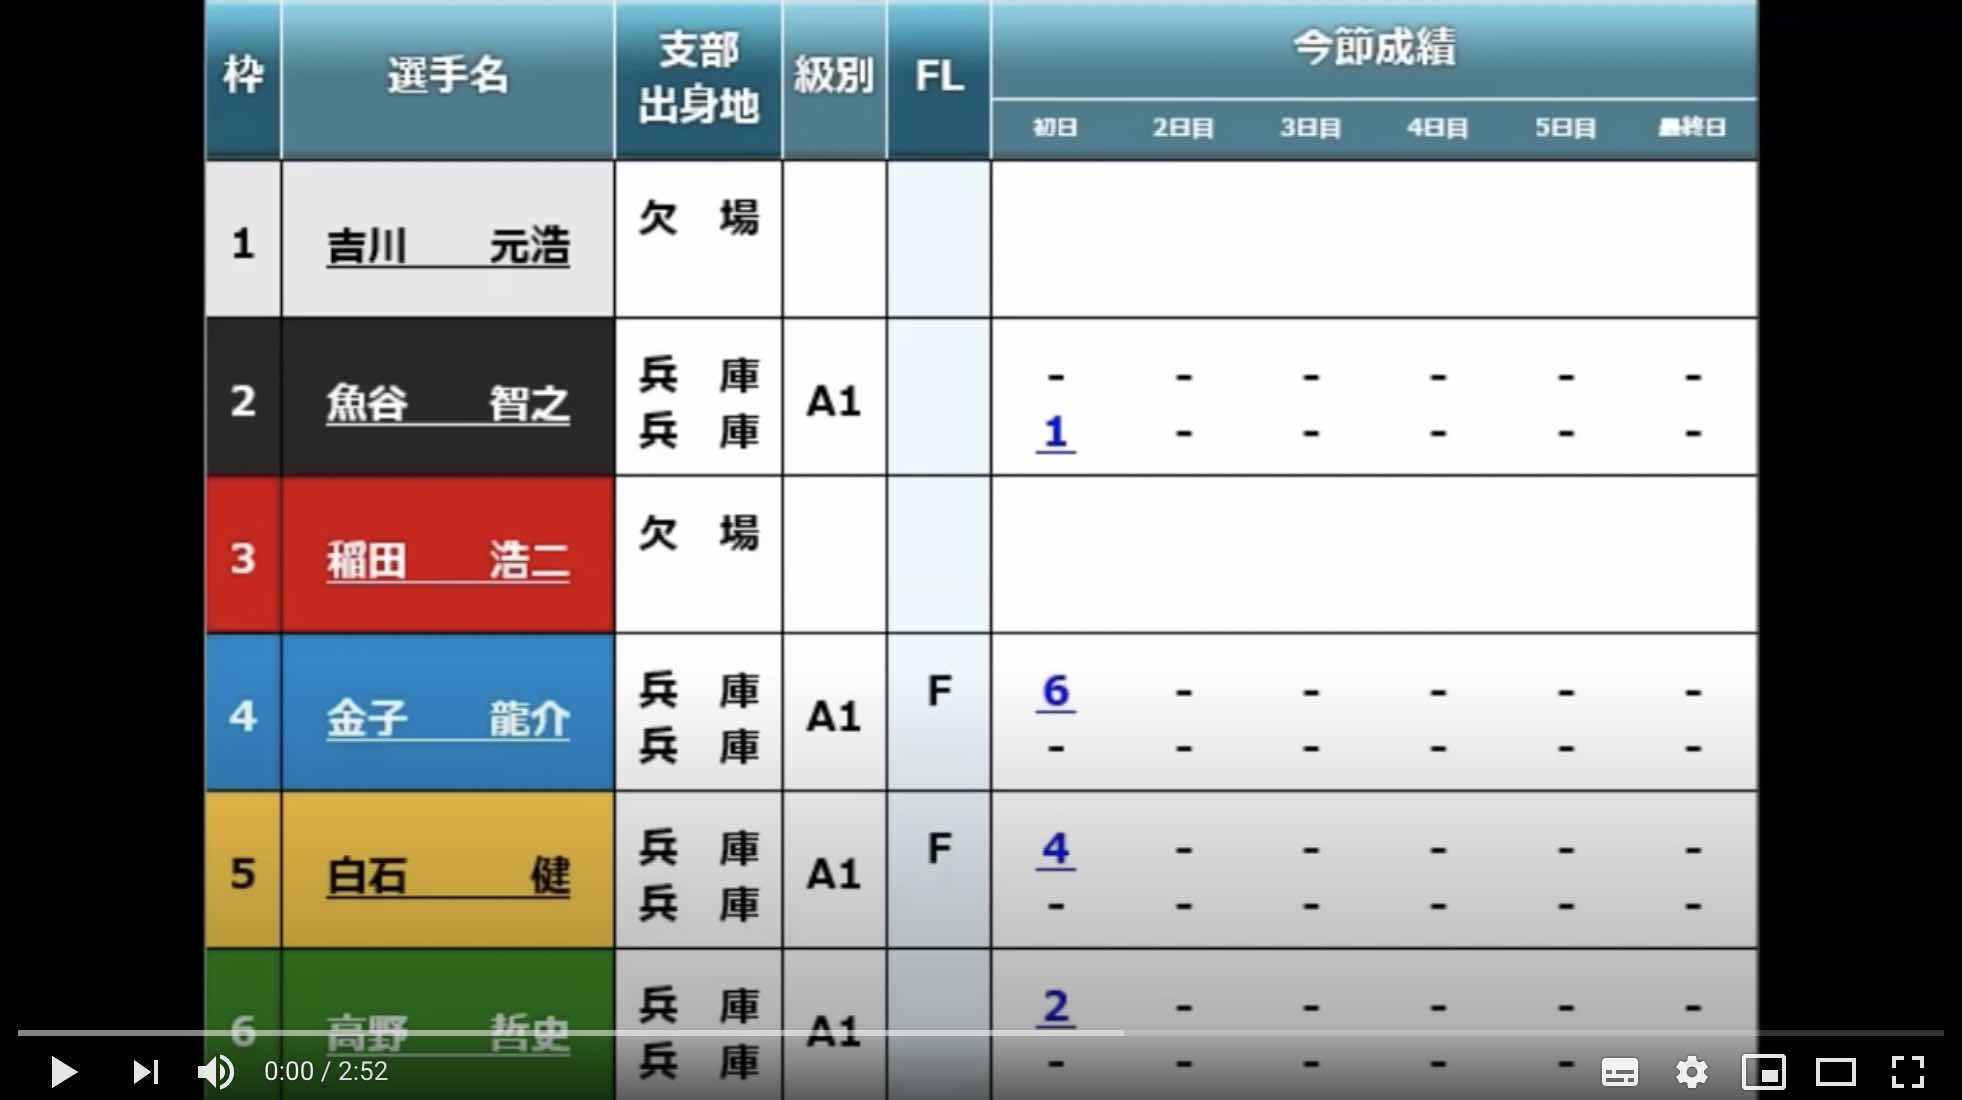 【尼崎競艇ドリーム】2艇欠場で4艇立ての尼崎No.1ドリーム戦の動画